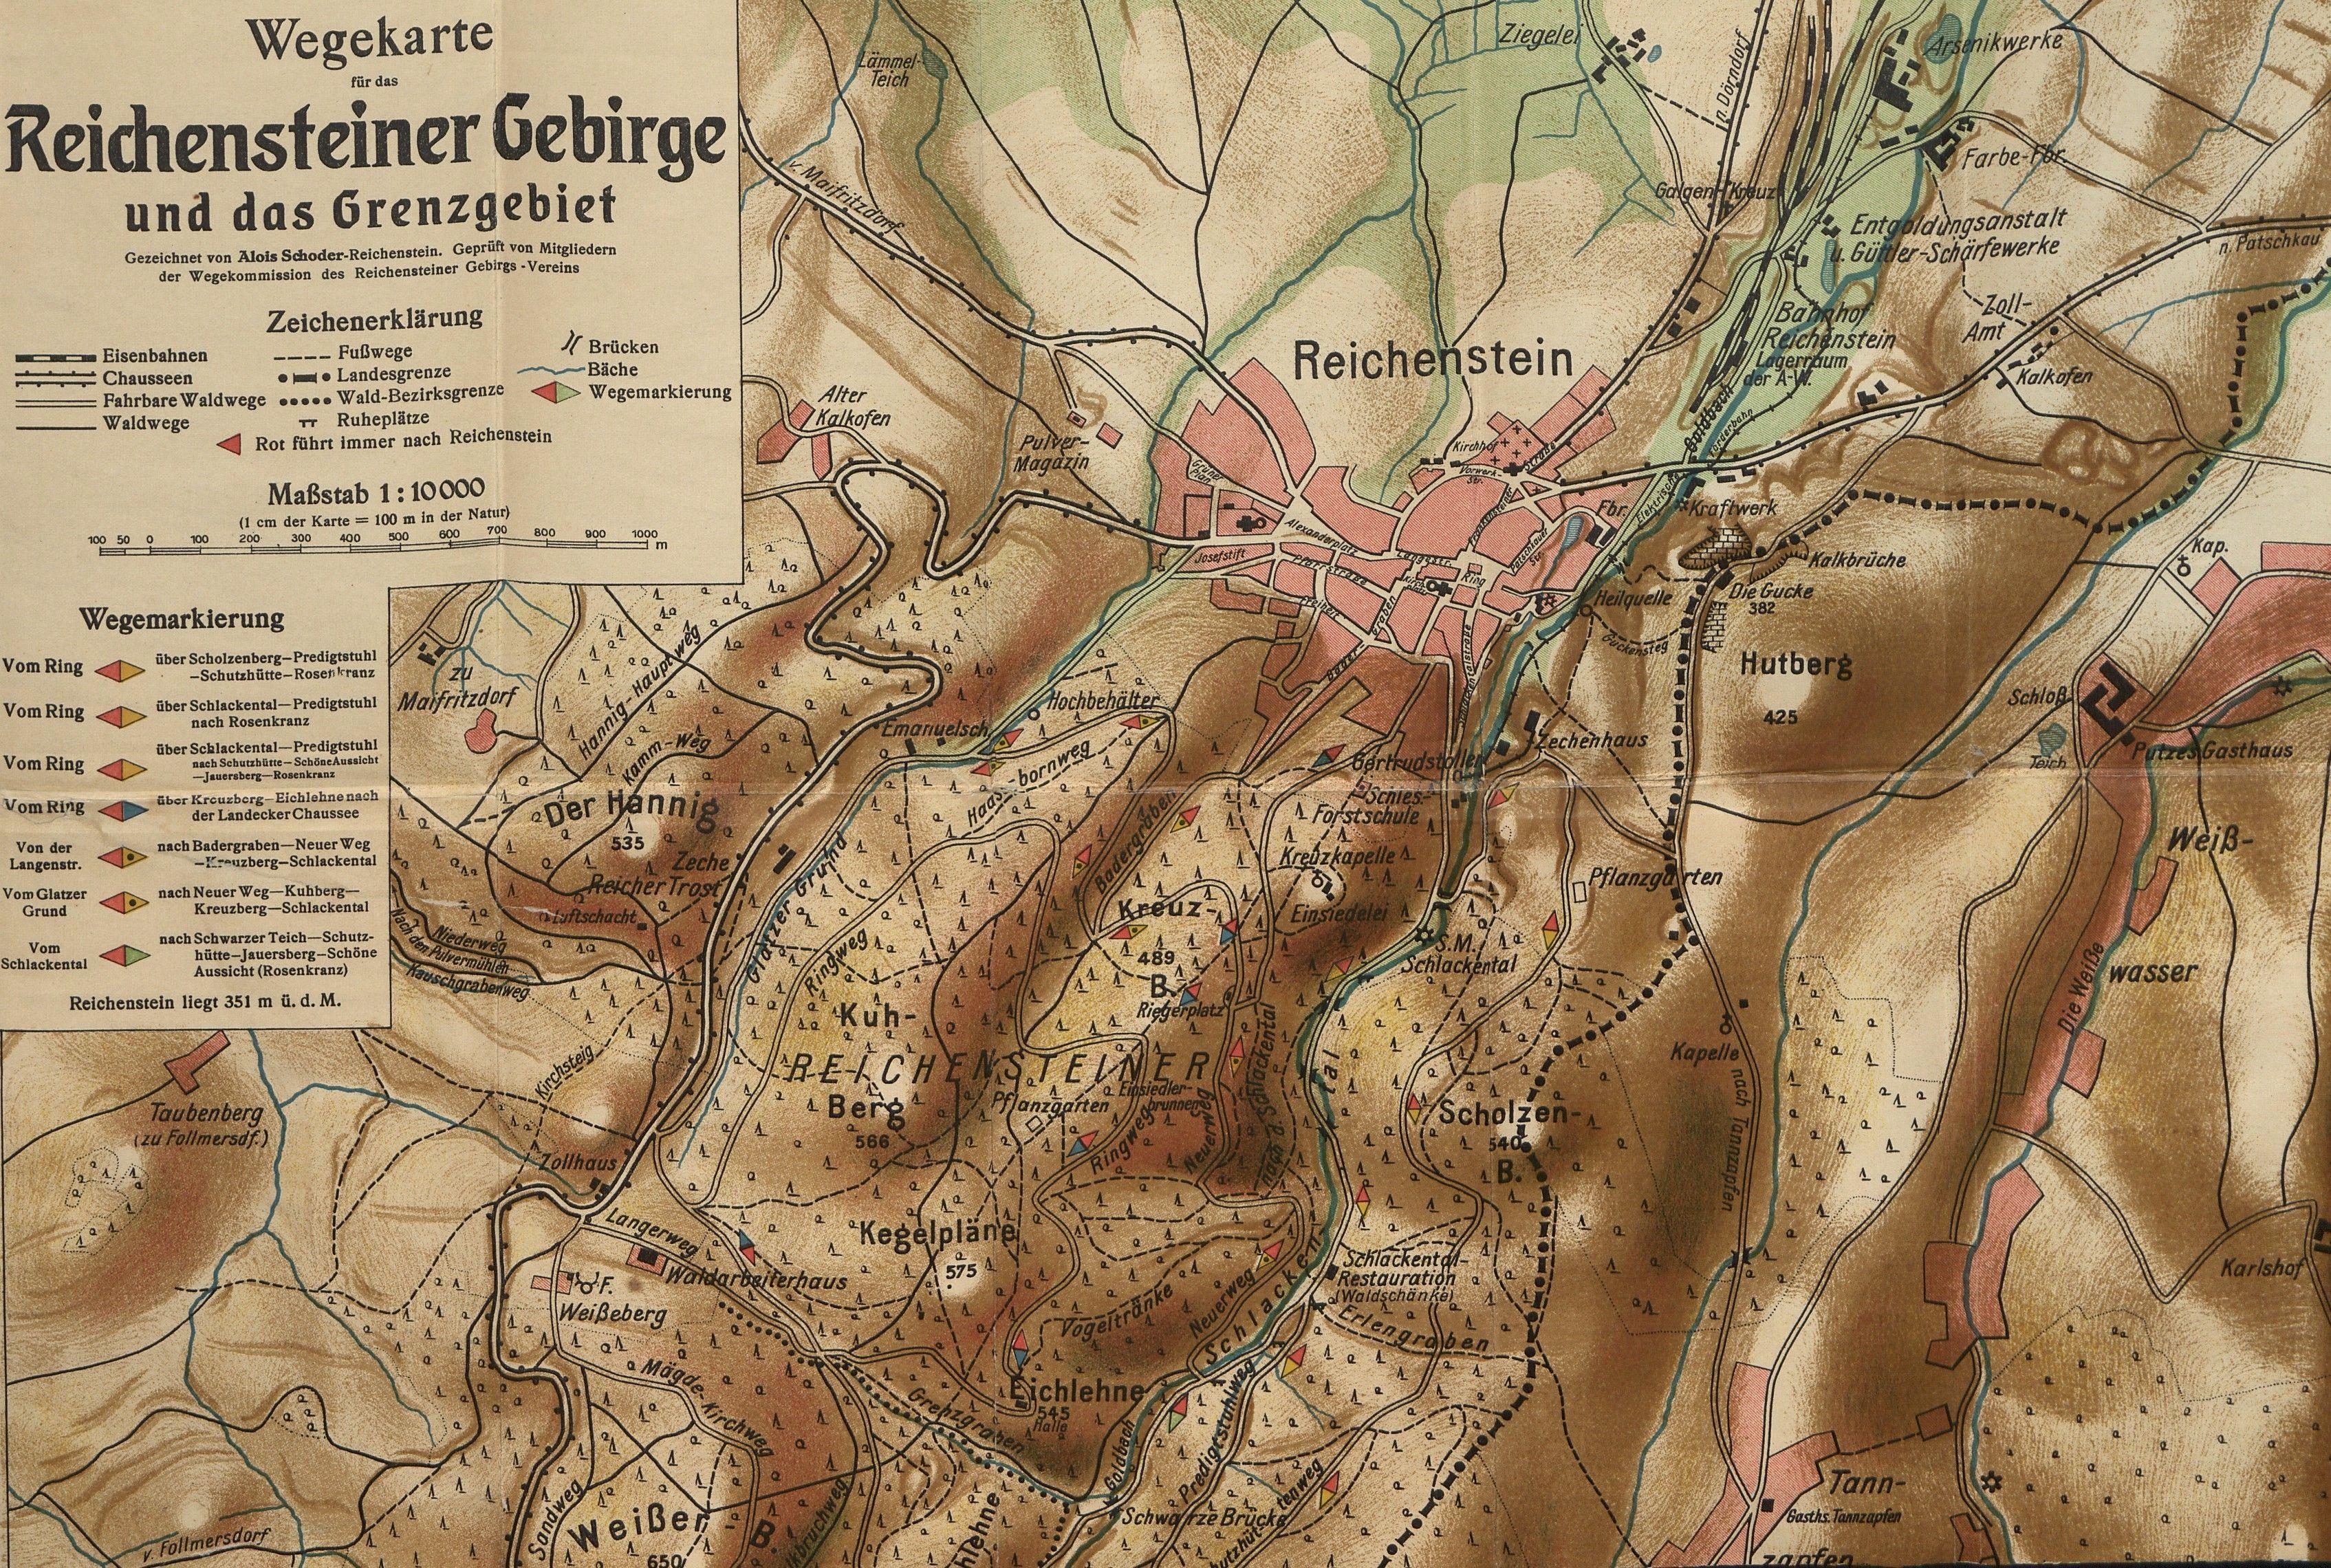 Wg 96 Reichenstein Schlesien Zloty Stok Zabkowicki Powiat Mapa